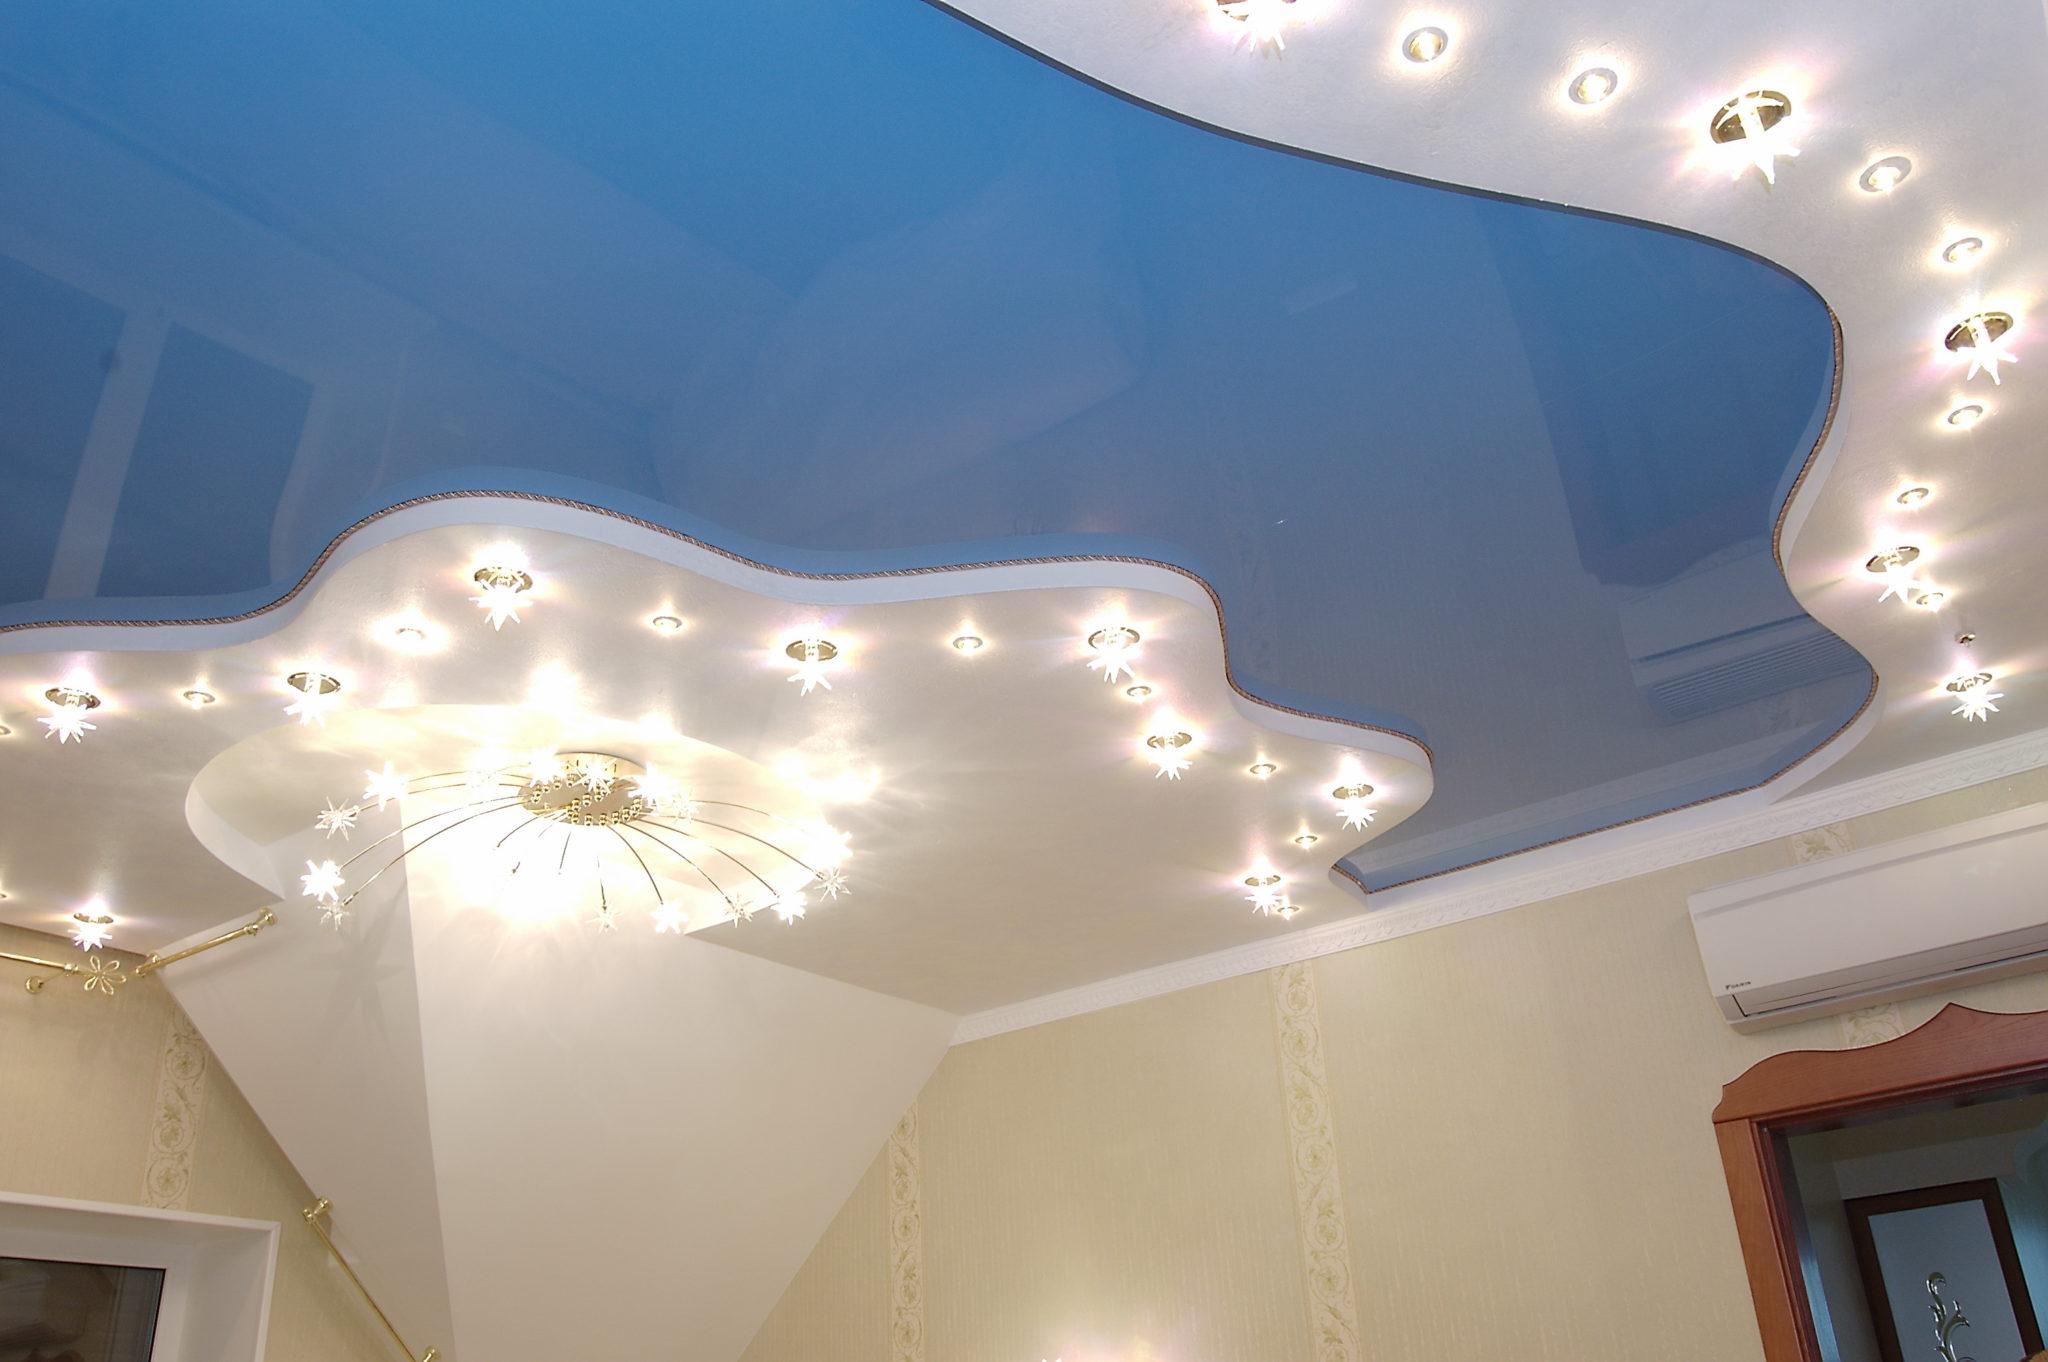 Натяжной потолок. Как проследить за качеством монтажа